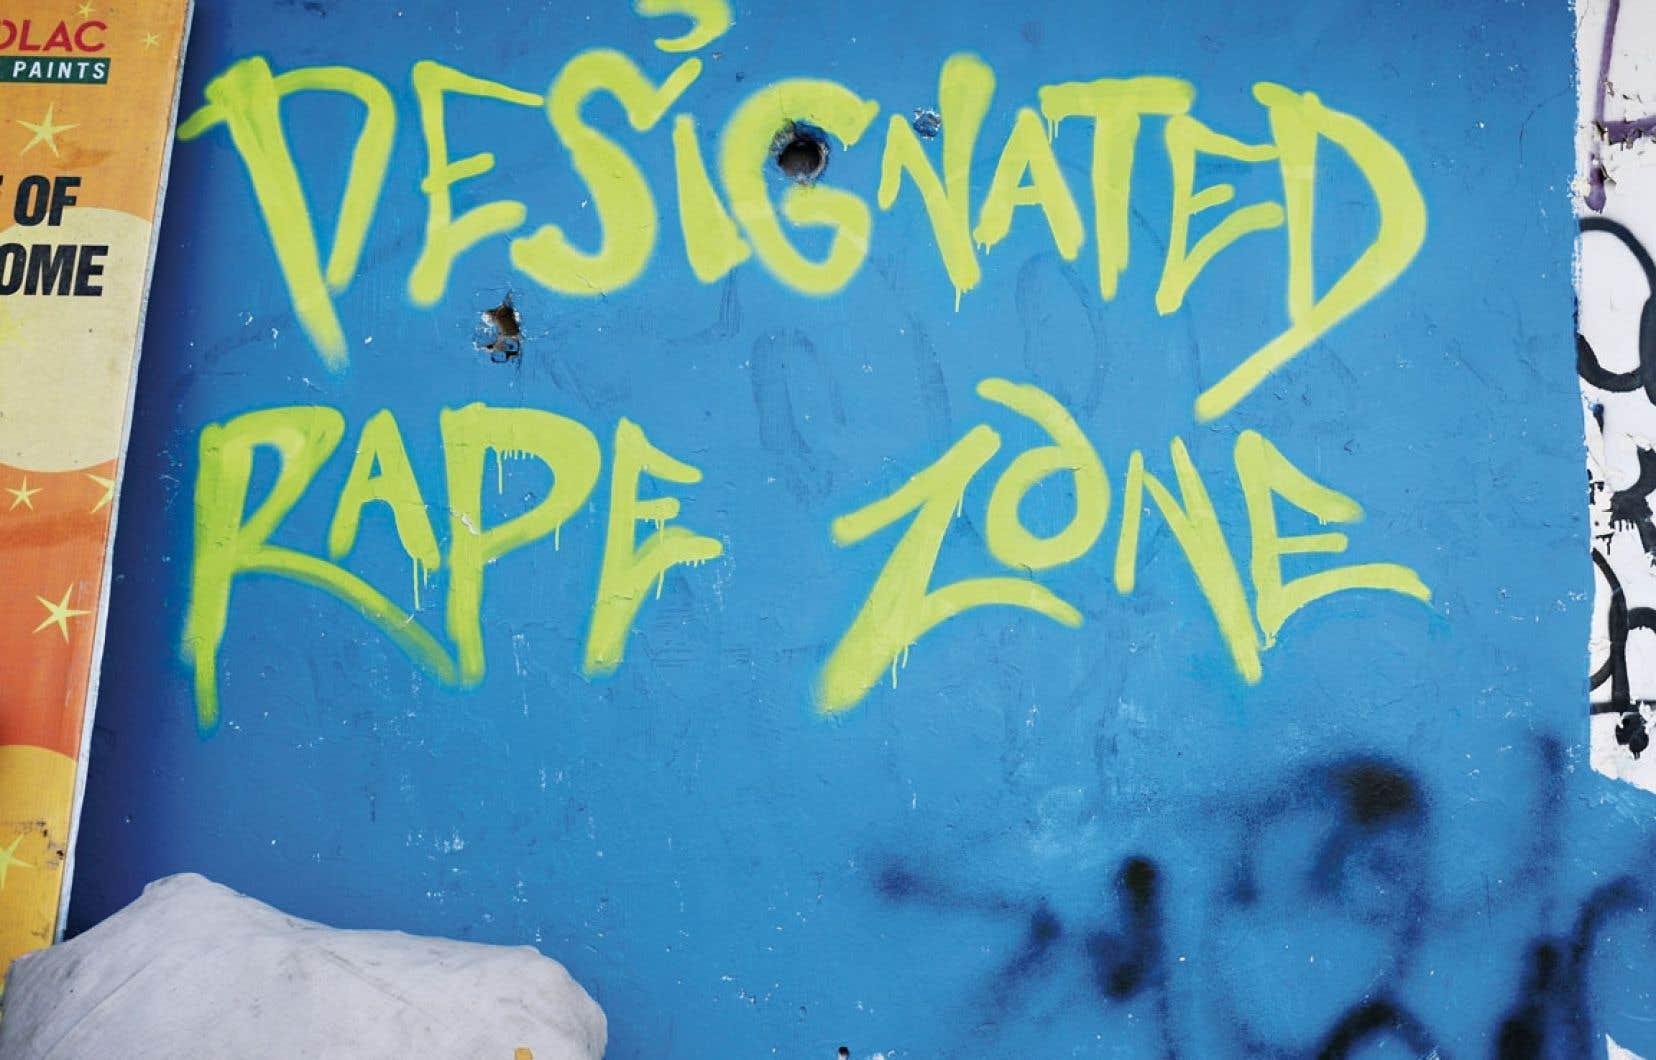 Un graffiteur indien a inscrit ces lettres (« zone de viol désignée ») sur les murs de New Delhi pour souligner le danger que courent les femmes dans cette « capitale indienne du viol ».